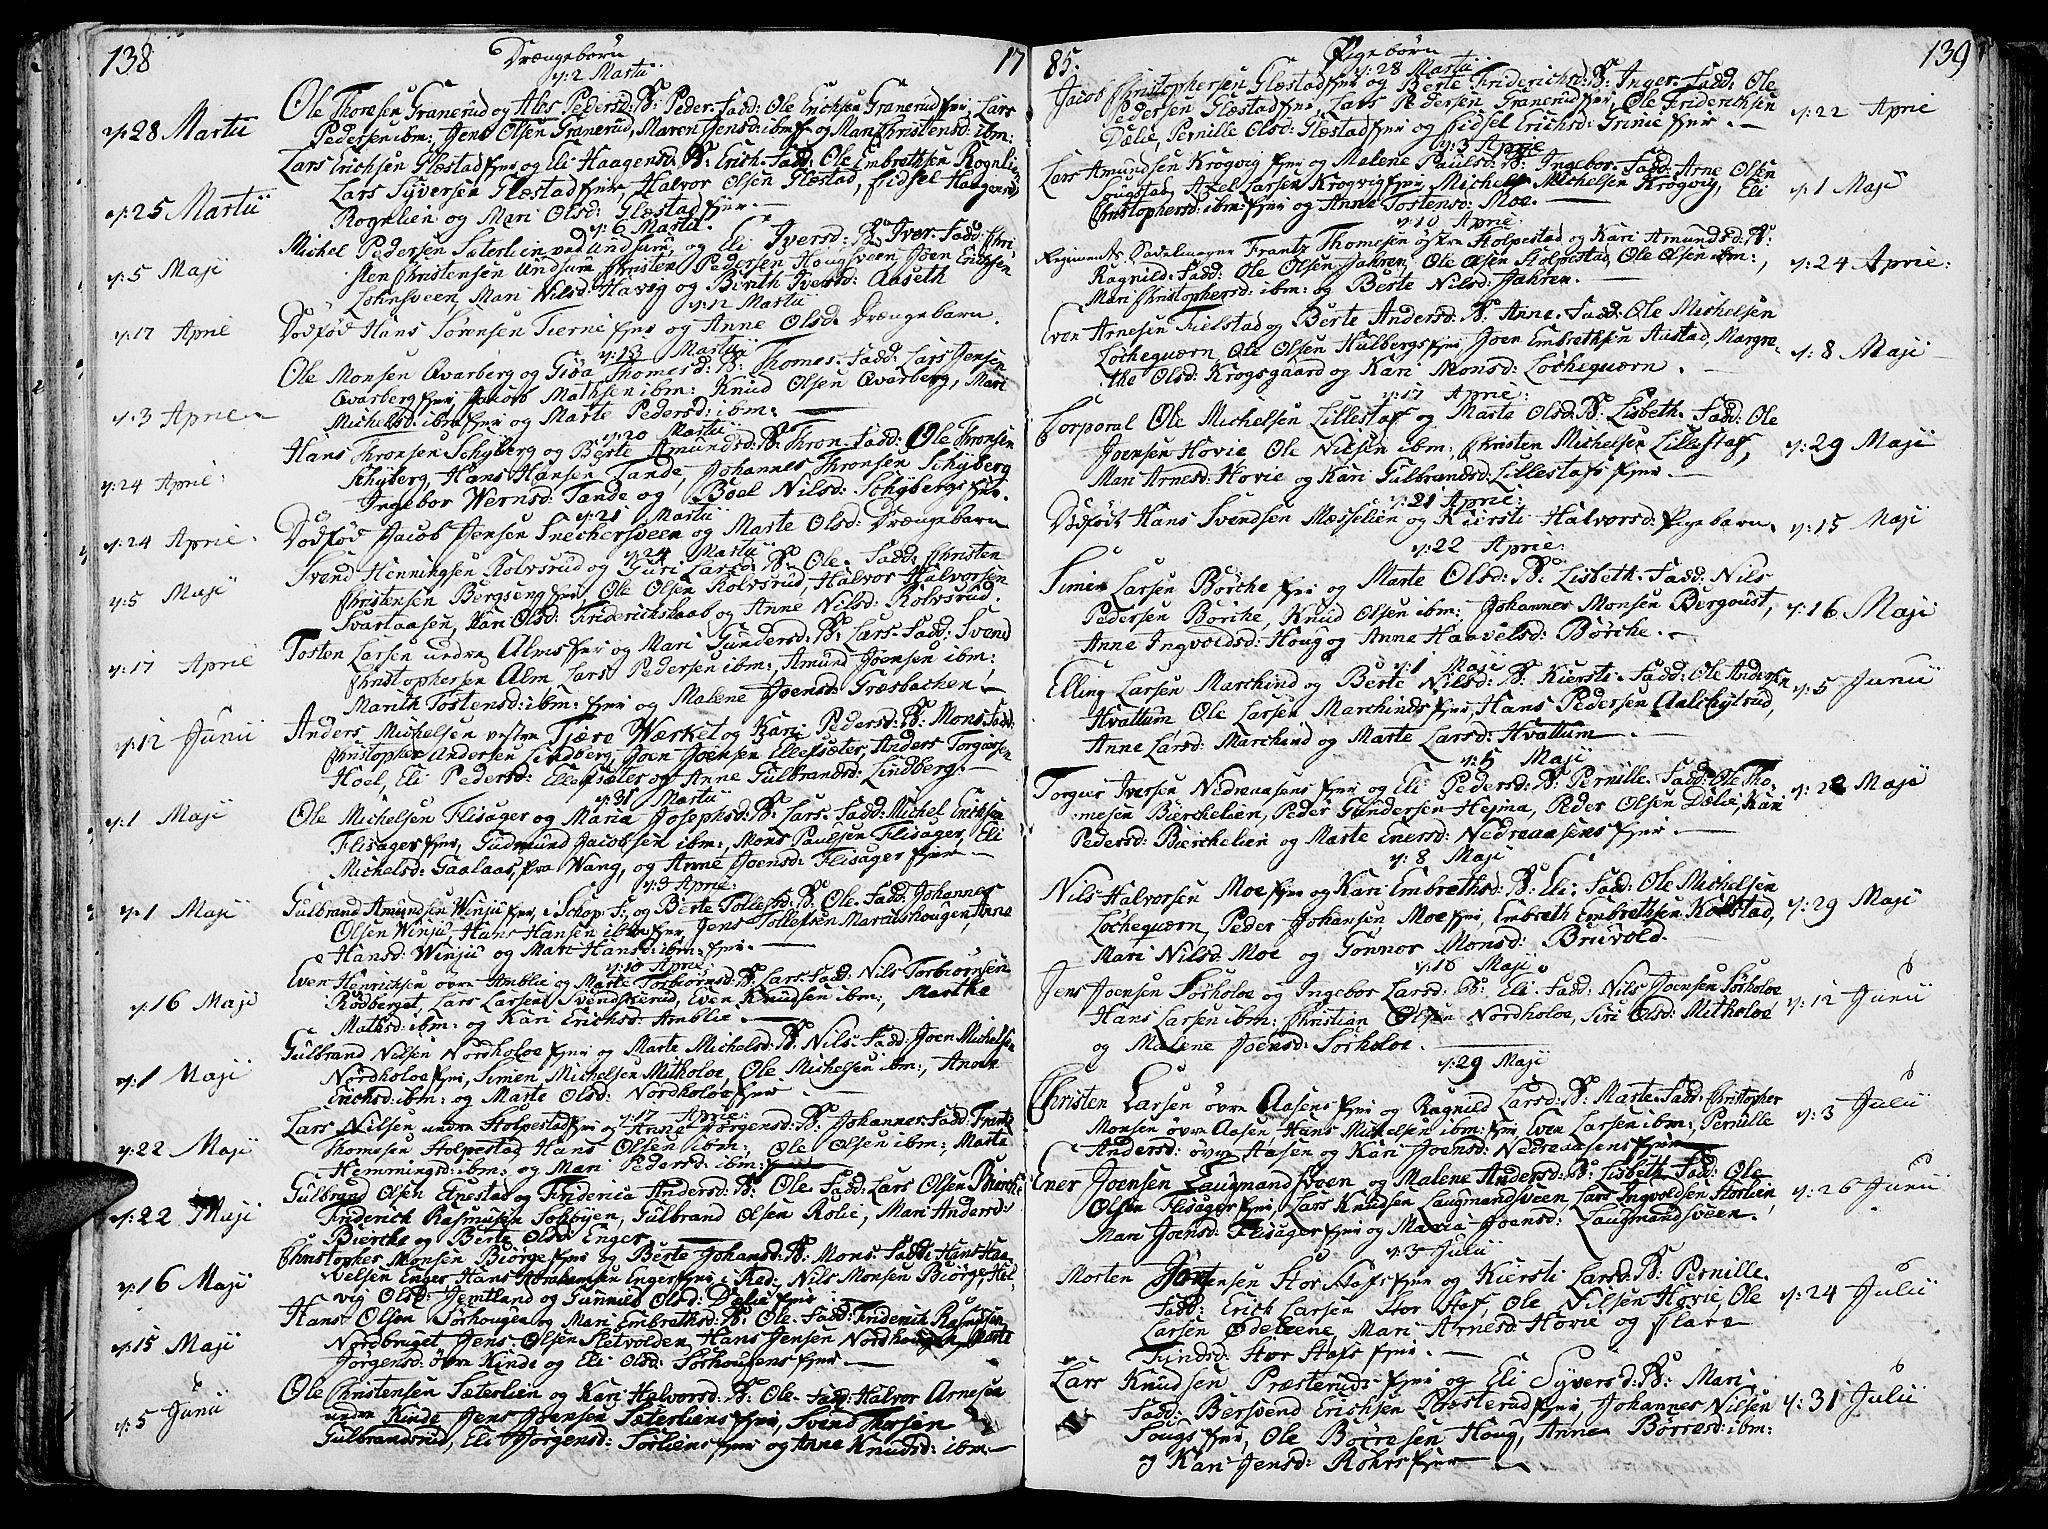 SAH, Ringsaker prestekontor, K/Ka/L0003: Ministerialbok nr. 3, 1775-1798, s. 138-139